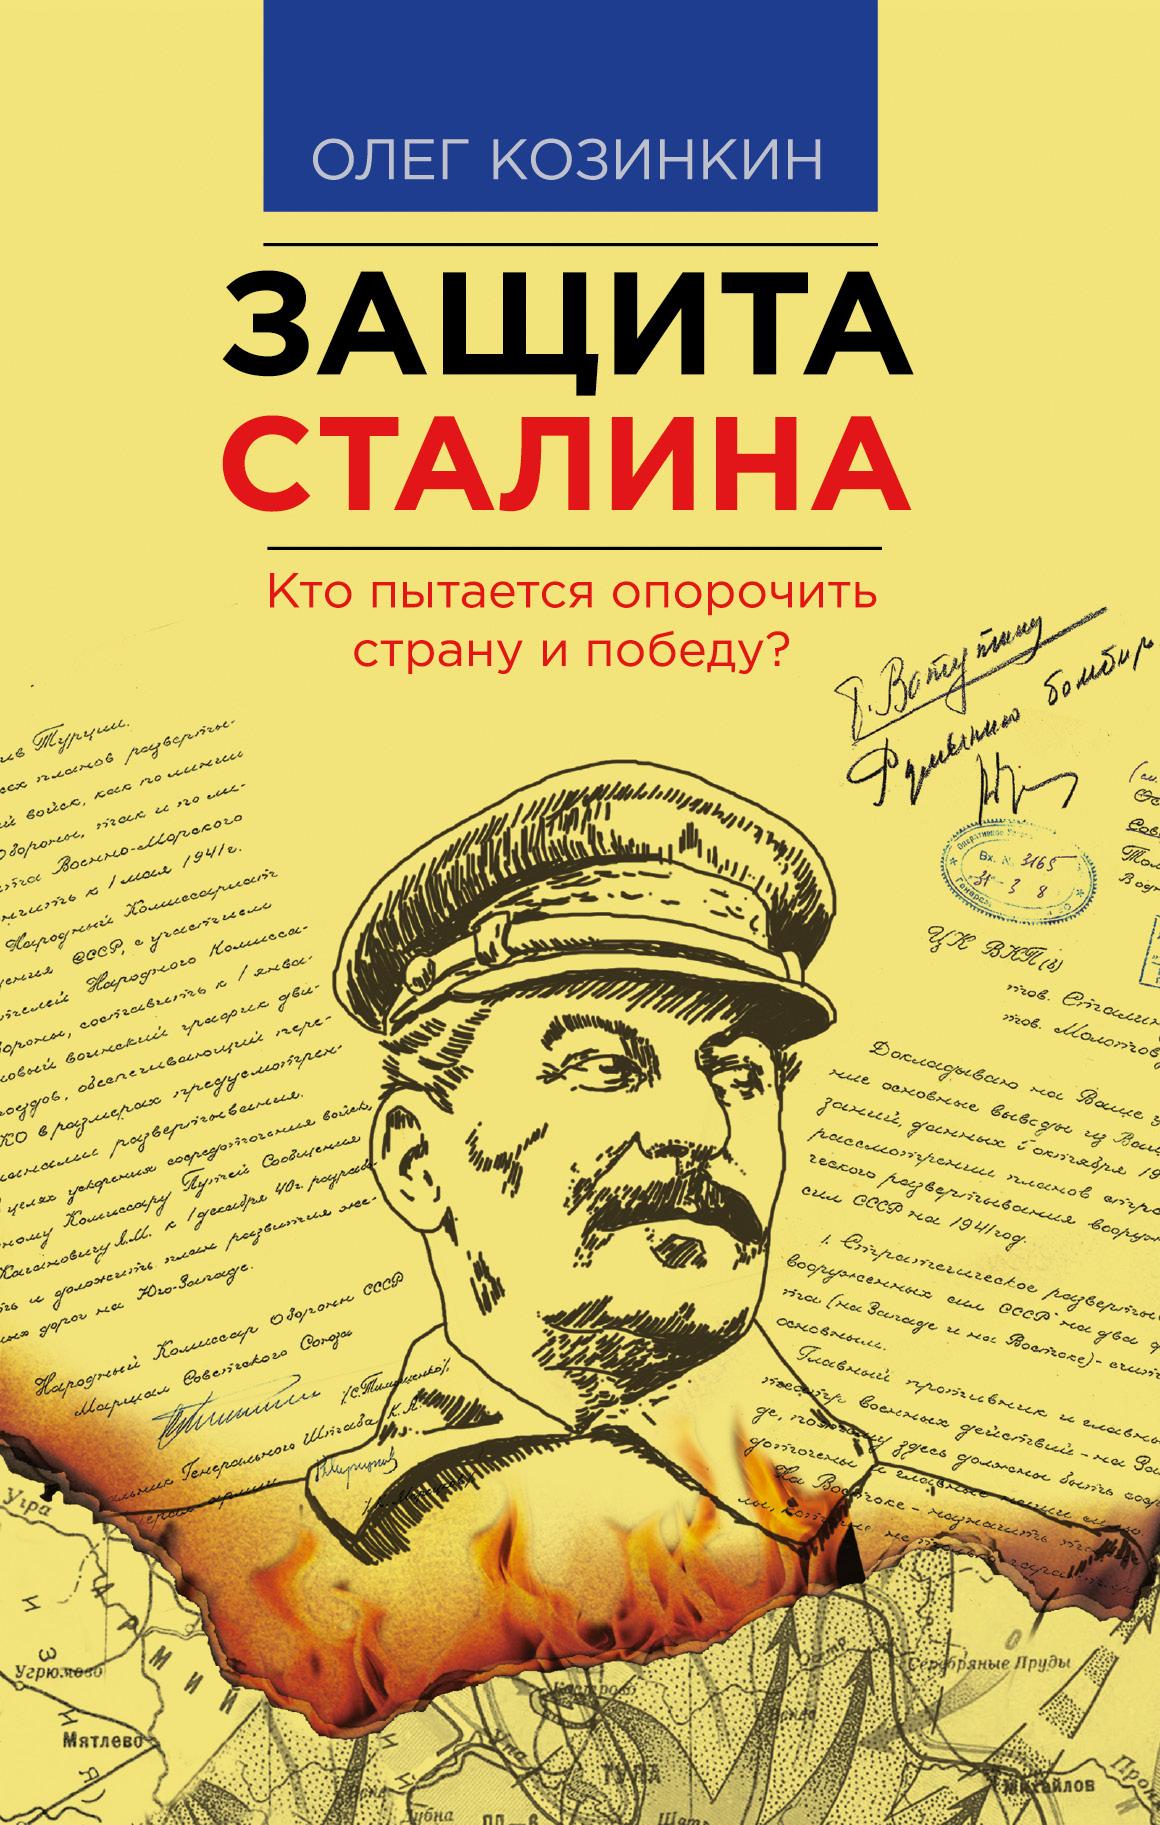 Козинкин О.Ю. Защита Сталина. Кто пытается опорочить страну и победу? олег козинкин сталин кто предал вождя накануне войны